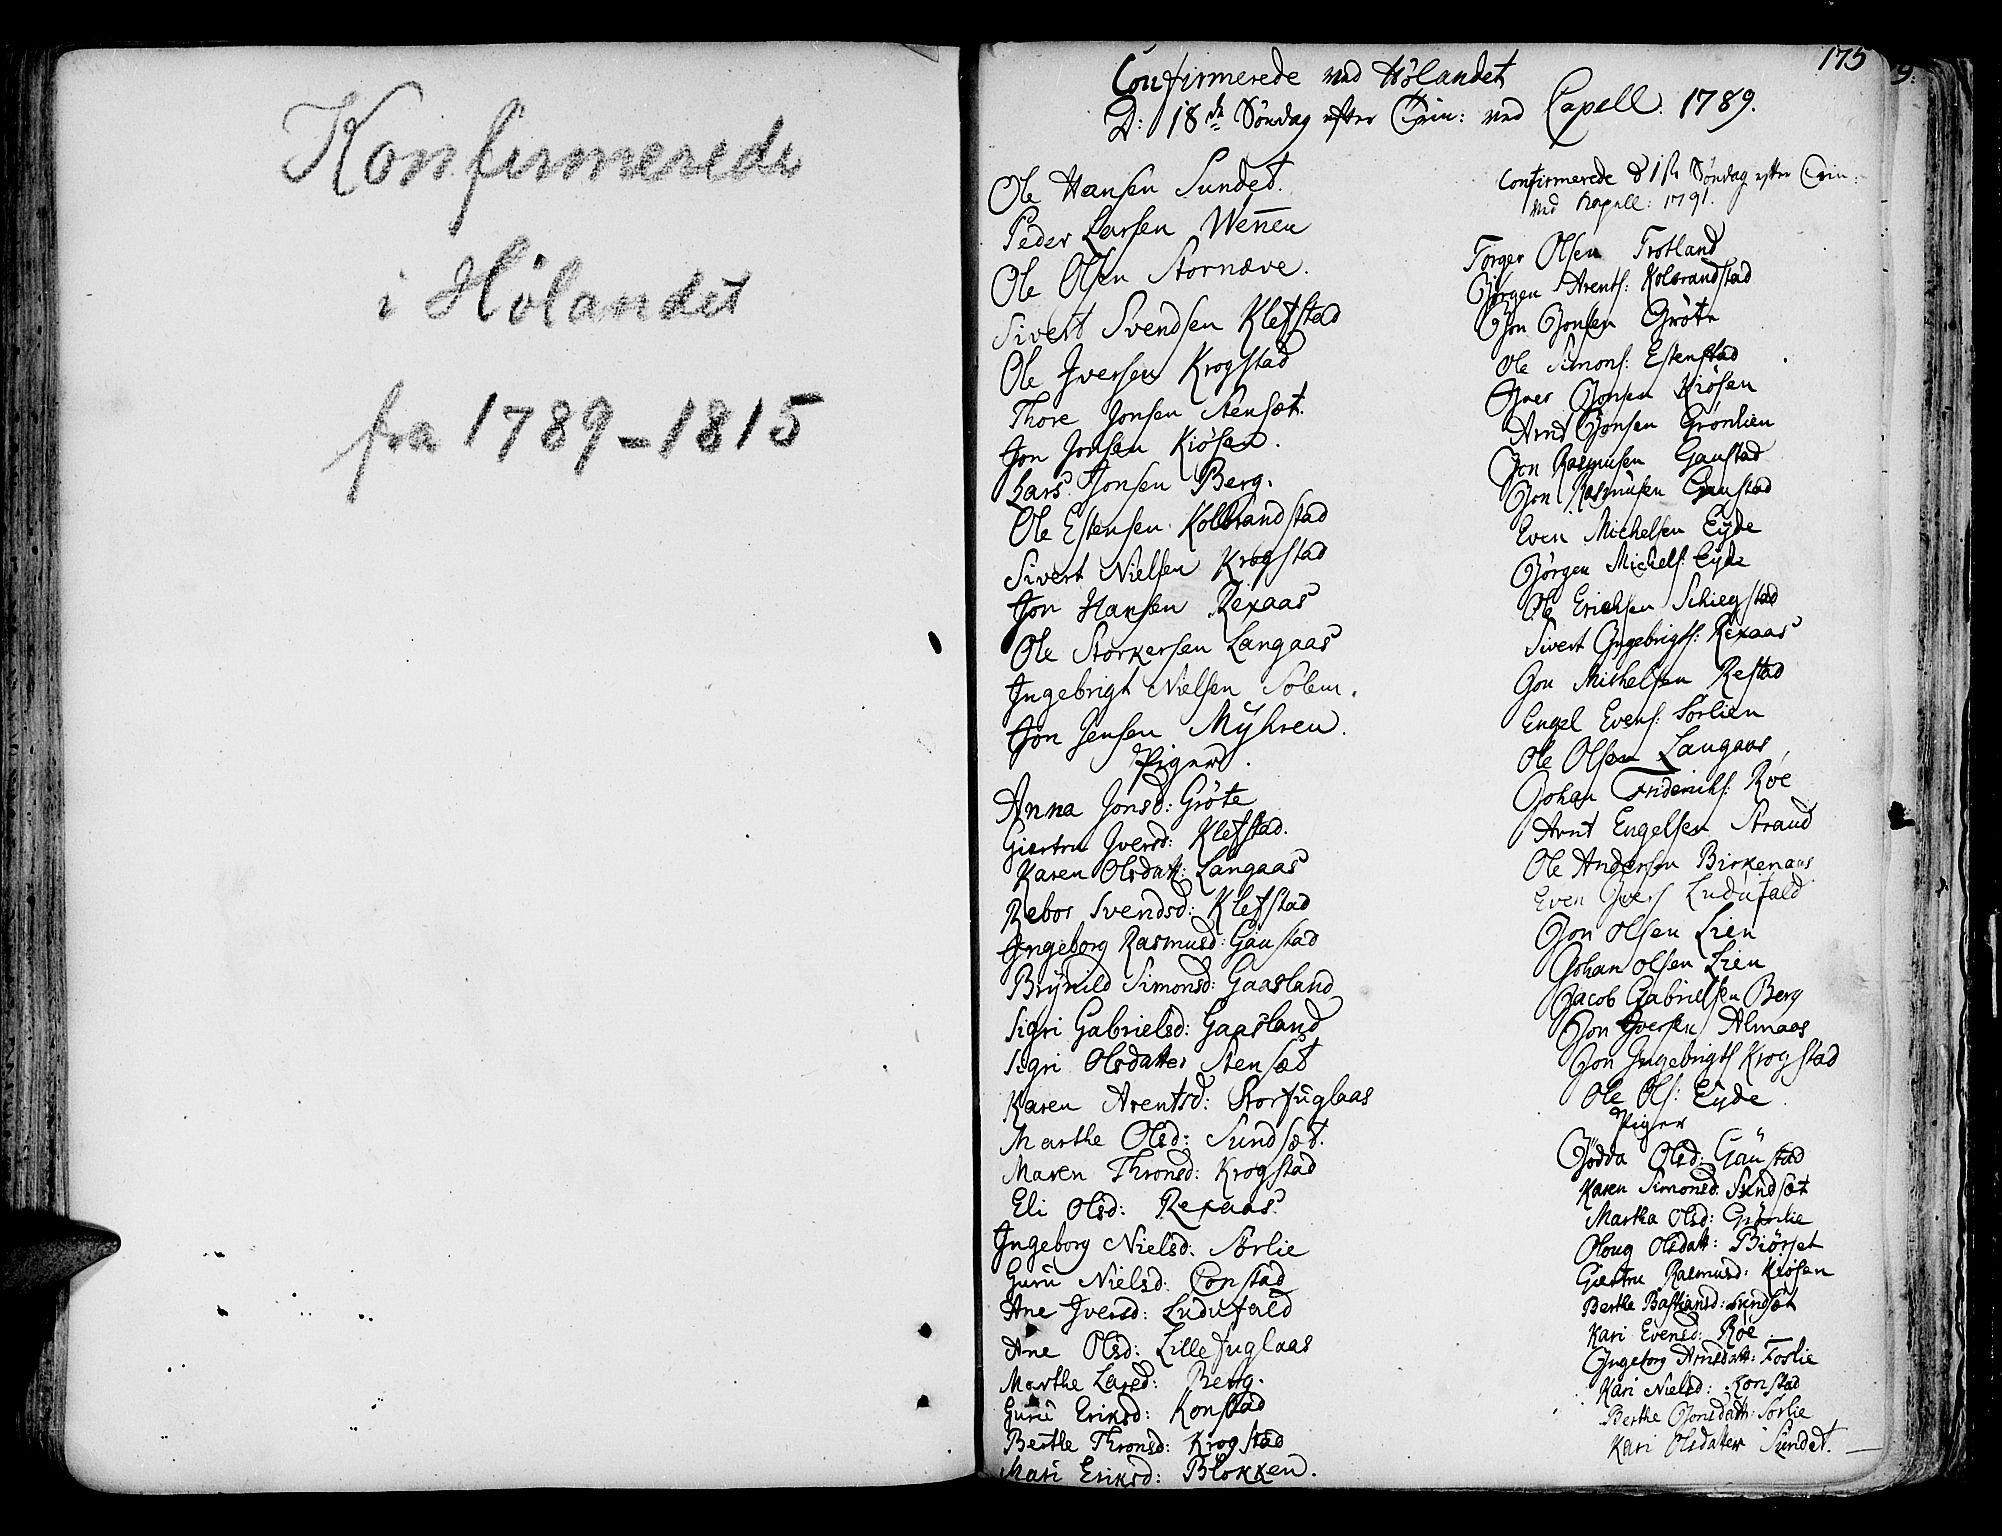 SAT, Ministerialprotokoller, klokkerbøker og fødselsregistre - Sør-Trøndelag, 691/L1064: Ministerialbok nr. 691A02 /4, 1768-1815, s. 175